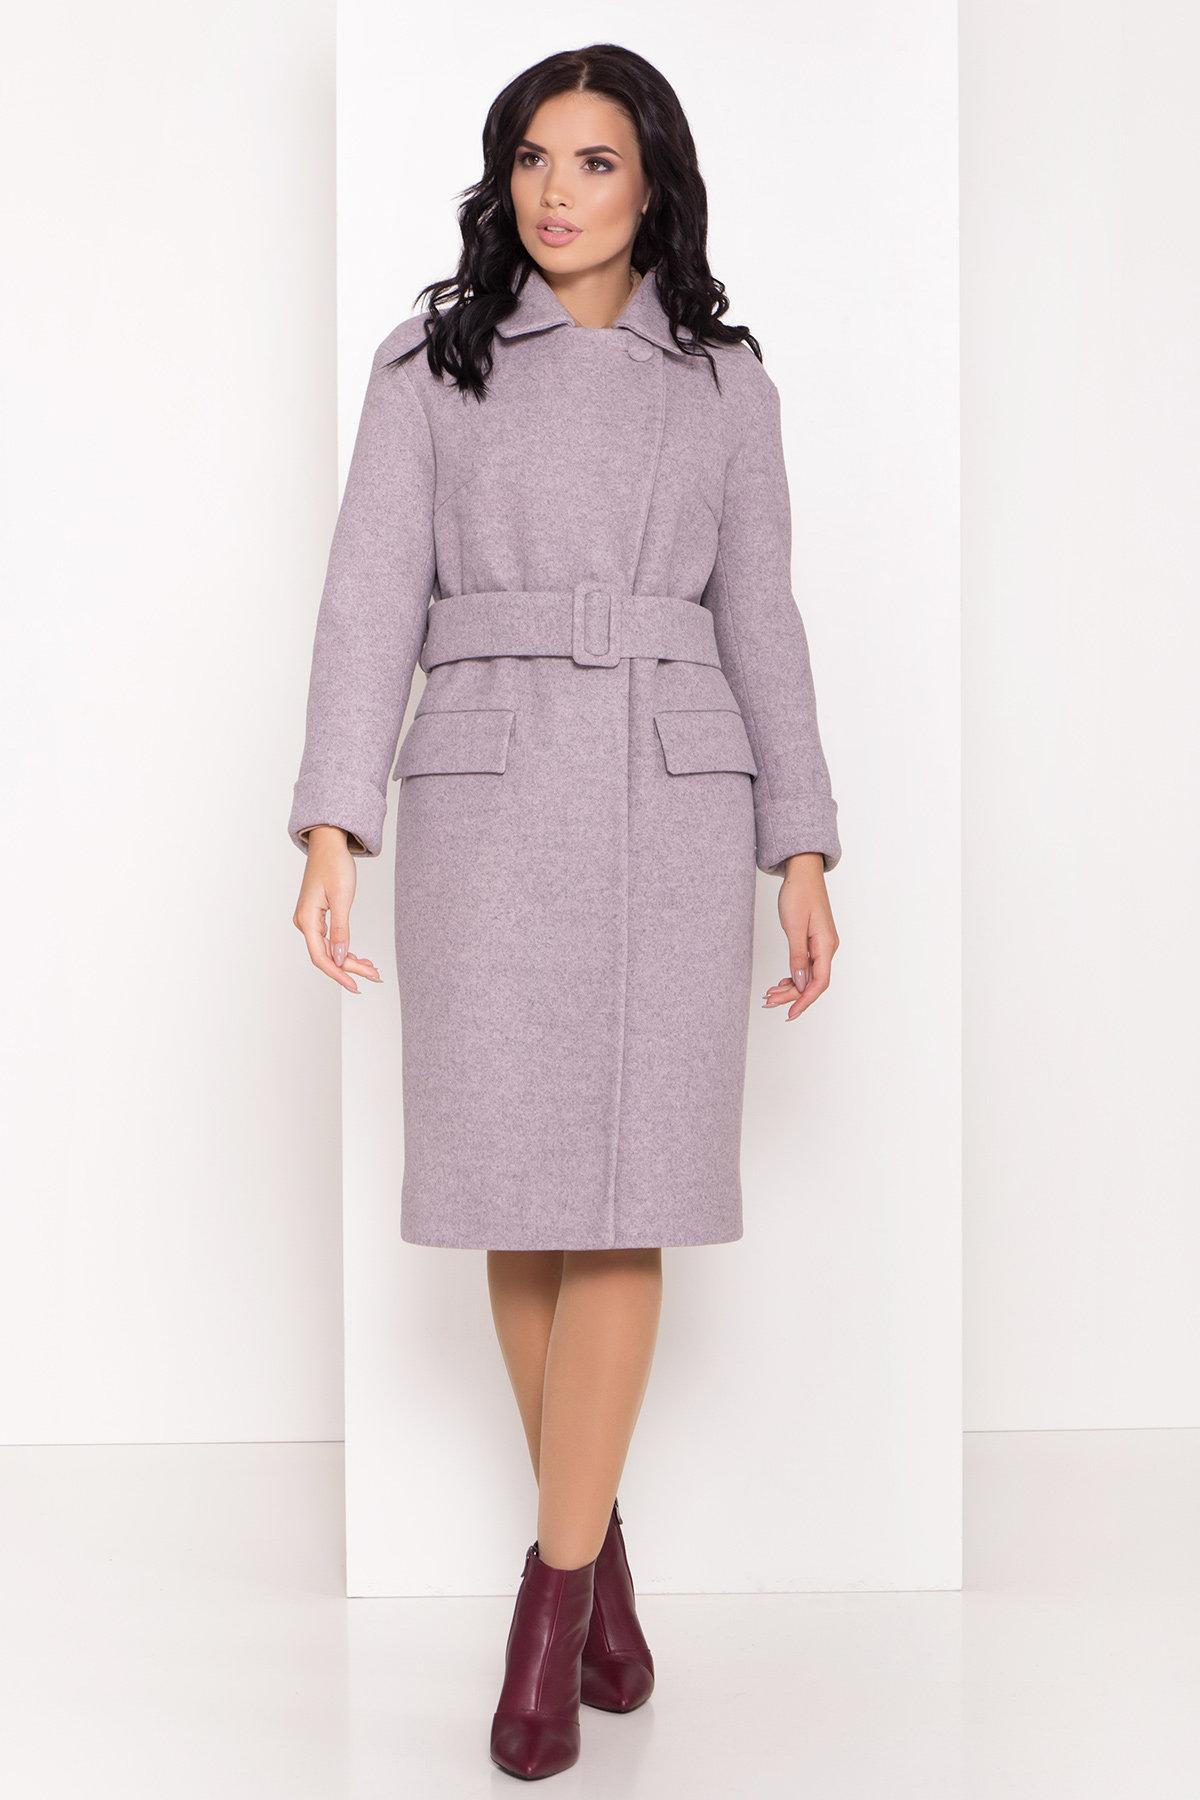 Зимнее пальто с отложным воротником Моле 8085 Цвет: Серо-розовый 46